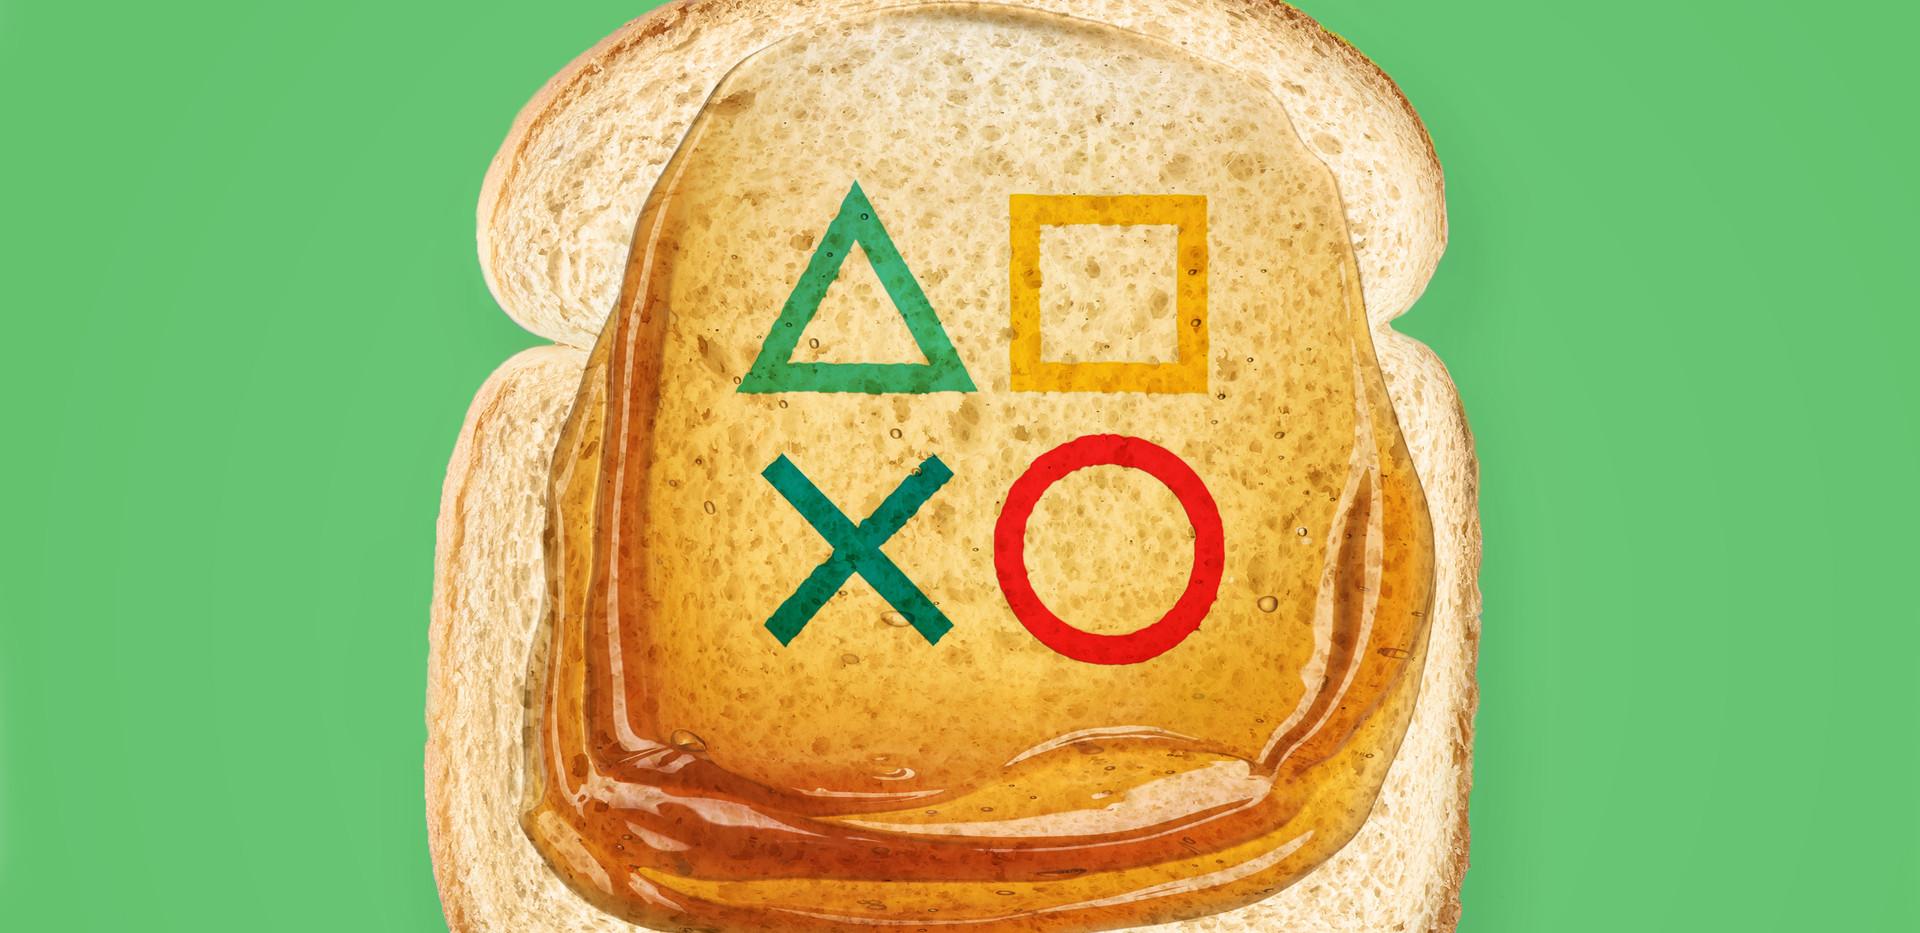 Playstation toast.jpg